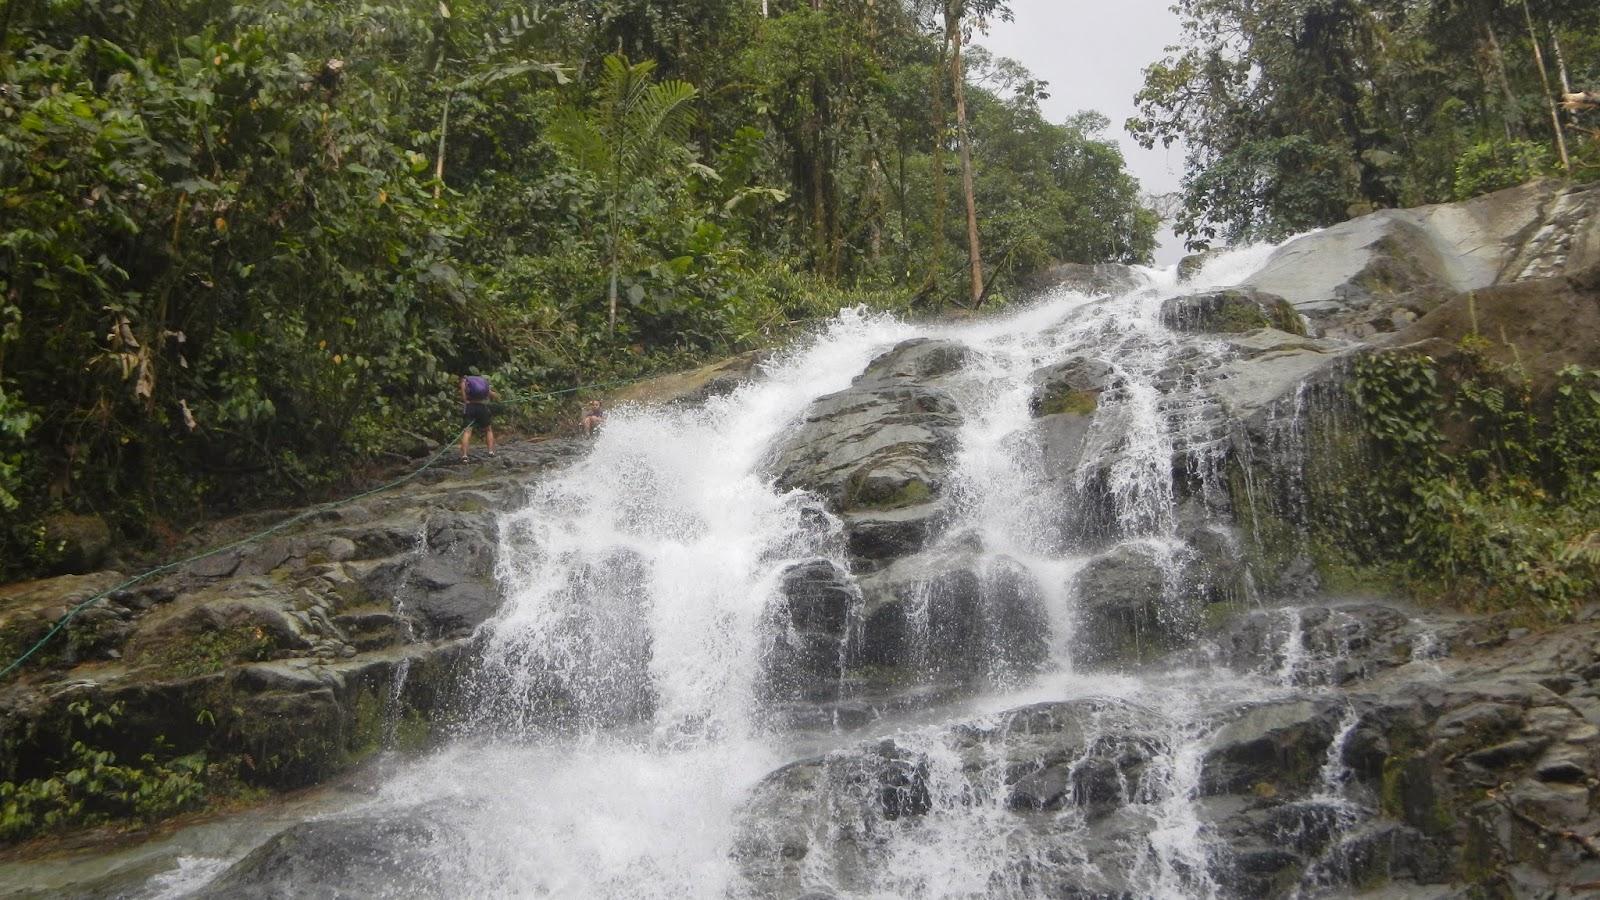 Escalando la montaña al lado de las corrientes de agua